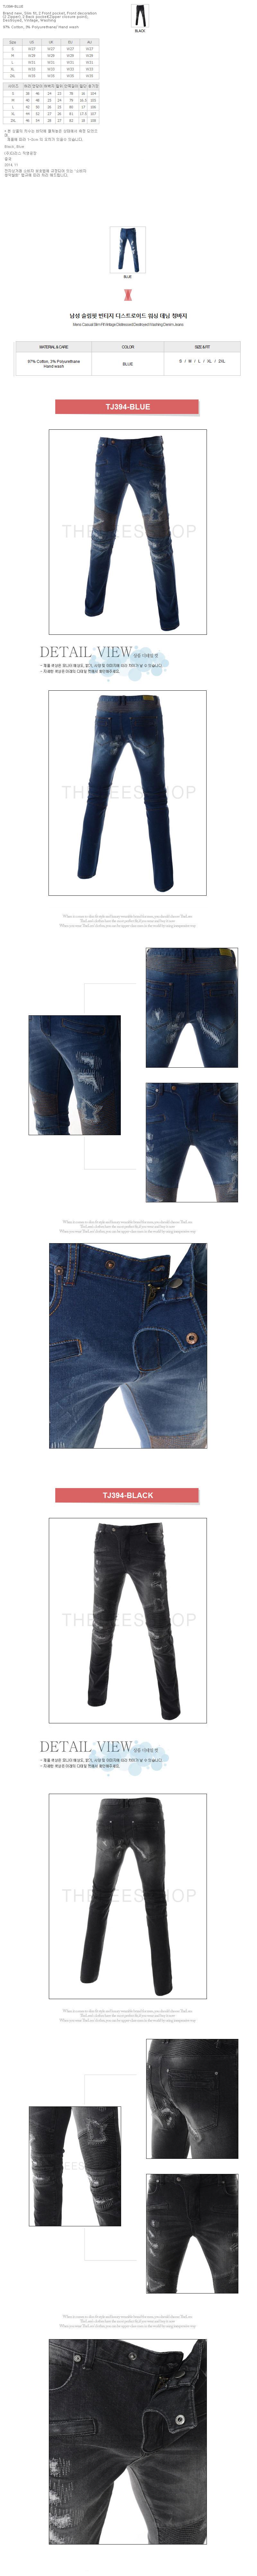 [ KOOLLOOK ] [KoolLook] Vintage Destroyed Washed Denim Jeans TJ394